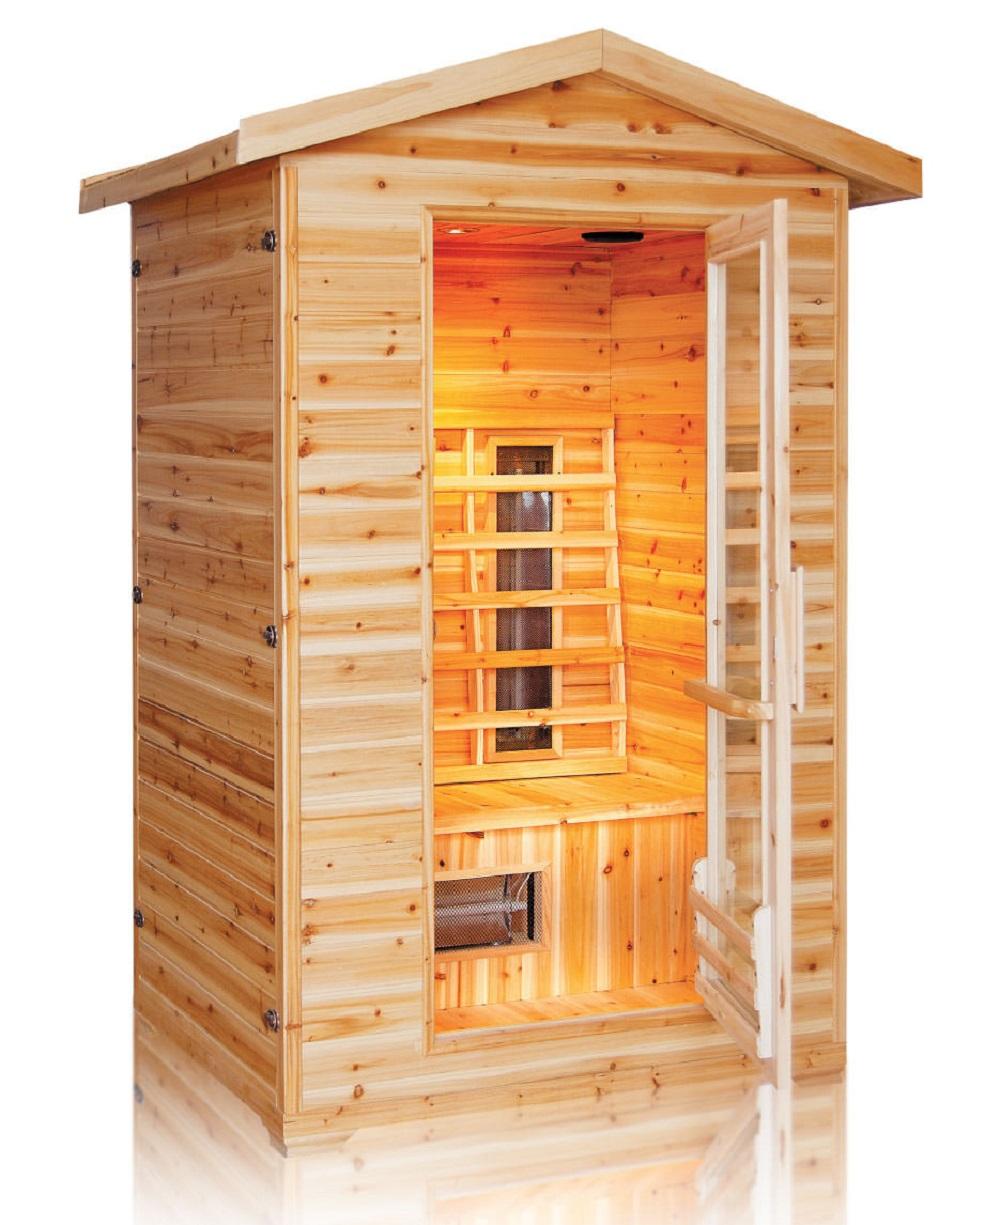 Wasserdichtes Materielles Sauna Heizger/ät mit Unabh/ängiger Zwei Temperatur Zone #2 Hauptgebrauch Infrarotsauna Decke Freizeitclubs Verwendbar f/ür Sch/önheitssalons